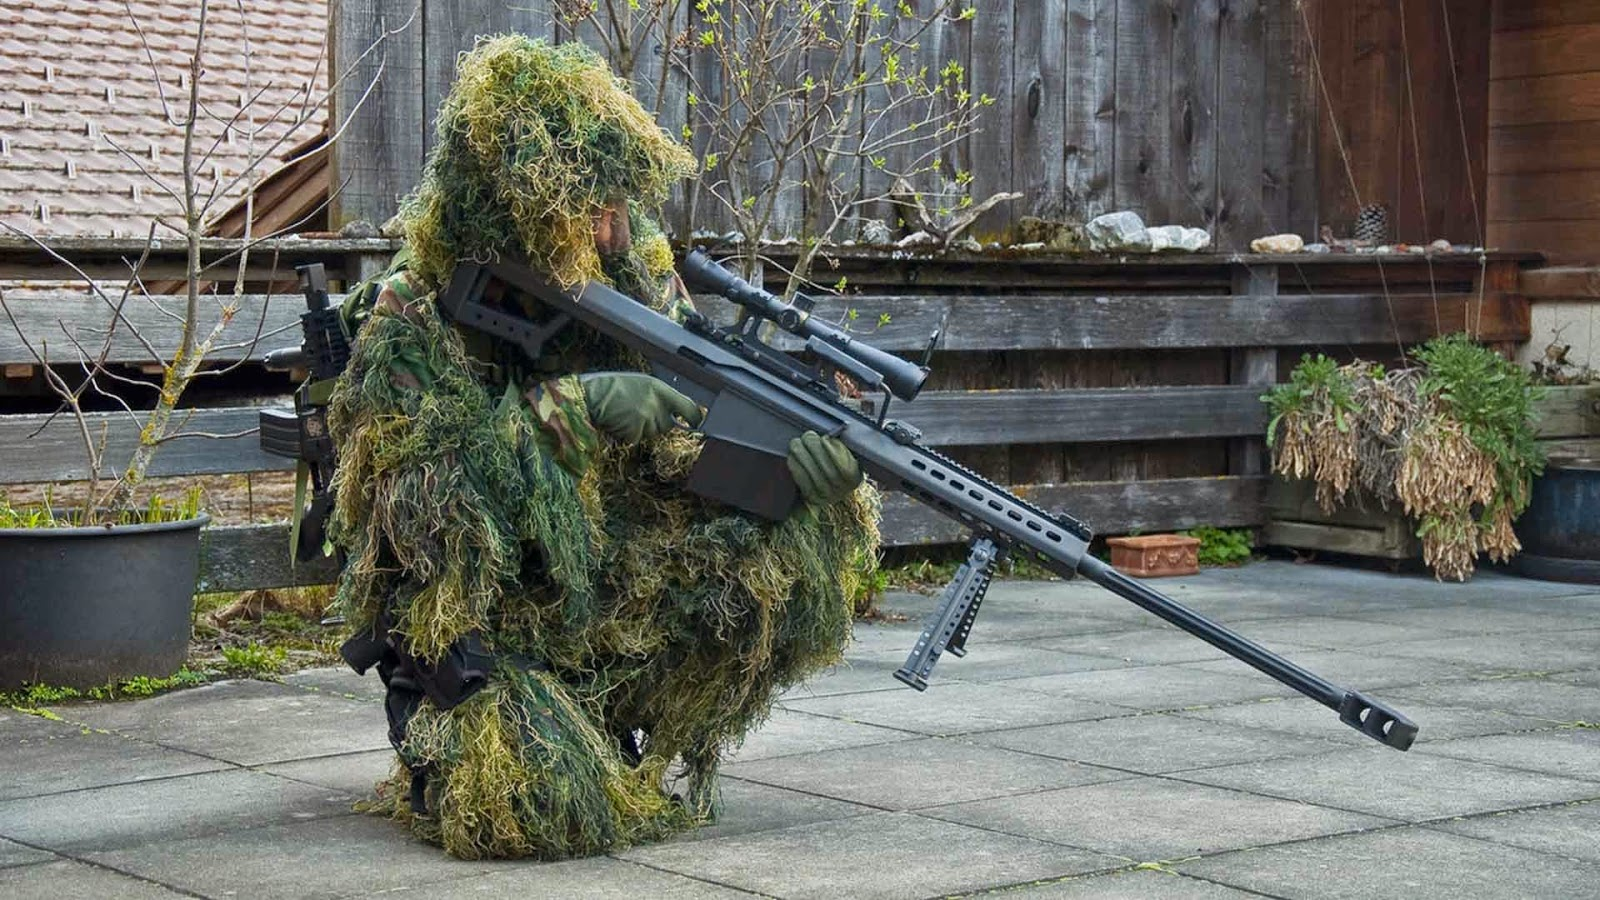 49] Sniper Rifle Wallpaper HD on WallpaperSafari 1600x900